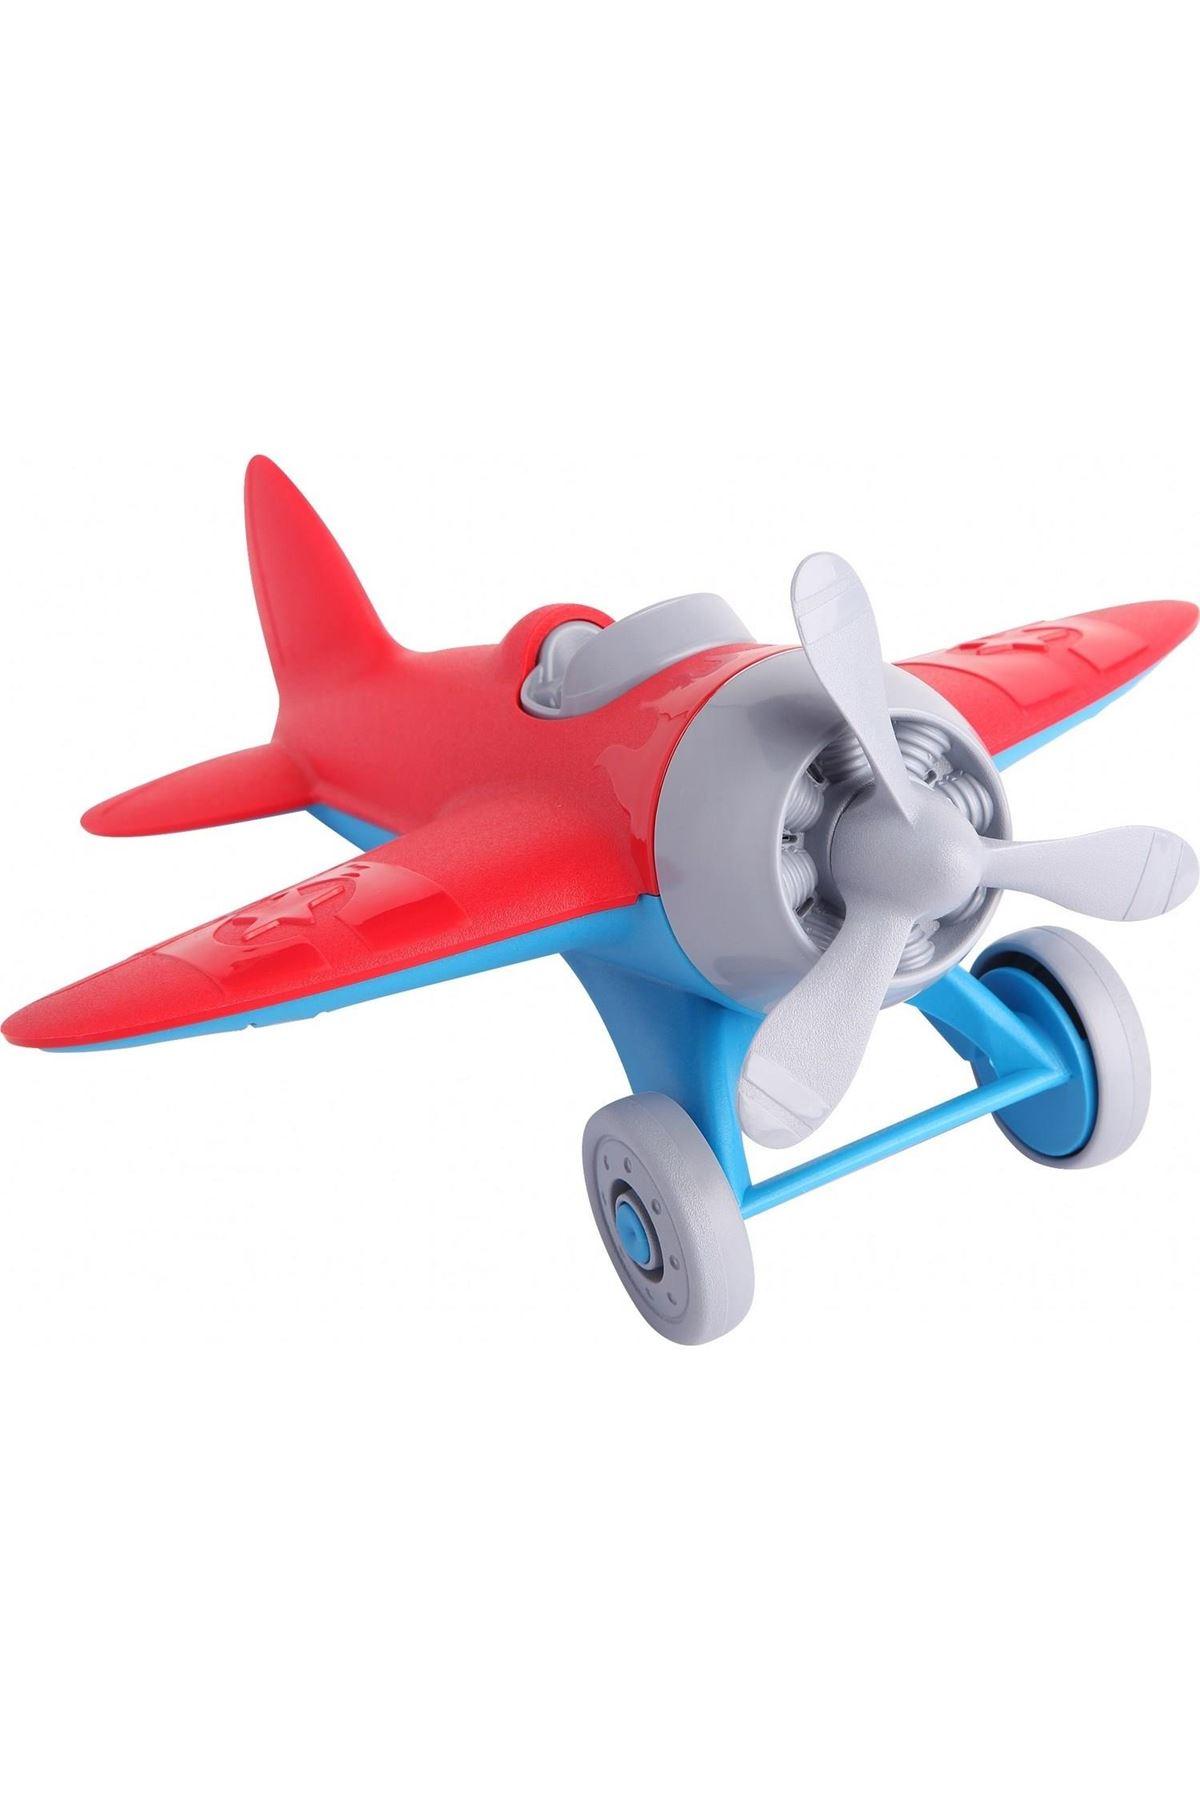 Kanz Pırpır Uçak 30770